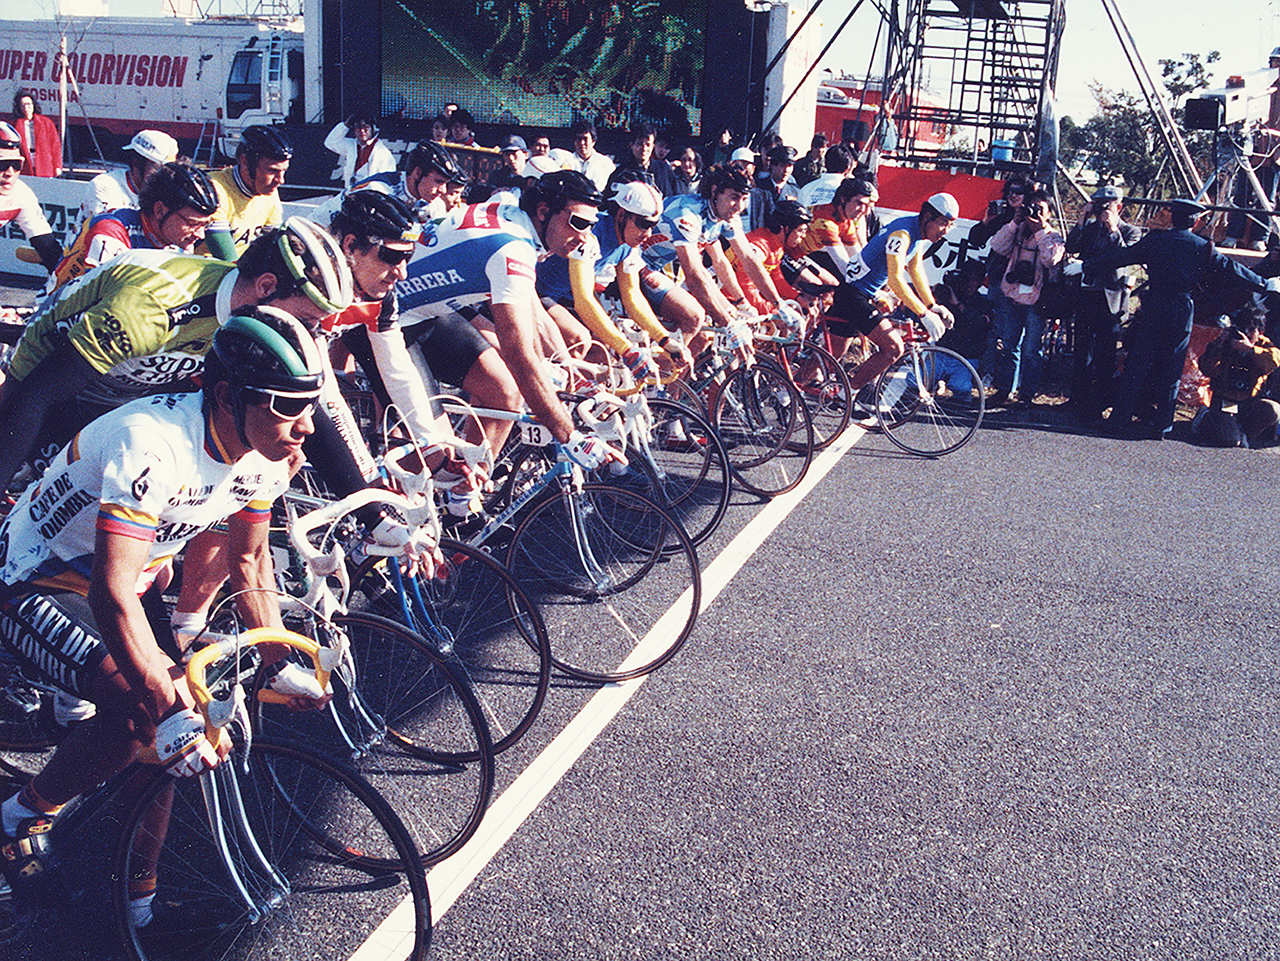 http://moritetsu.info/bicycle/img/87su-crite028start-ss.jpg